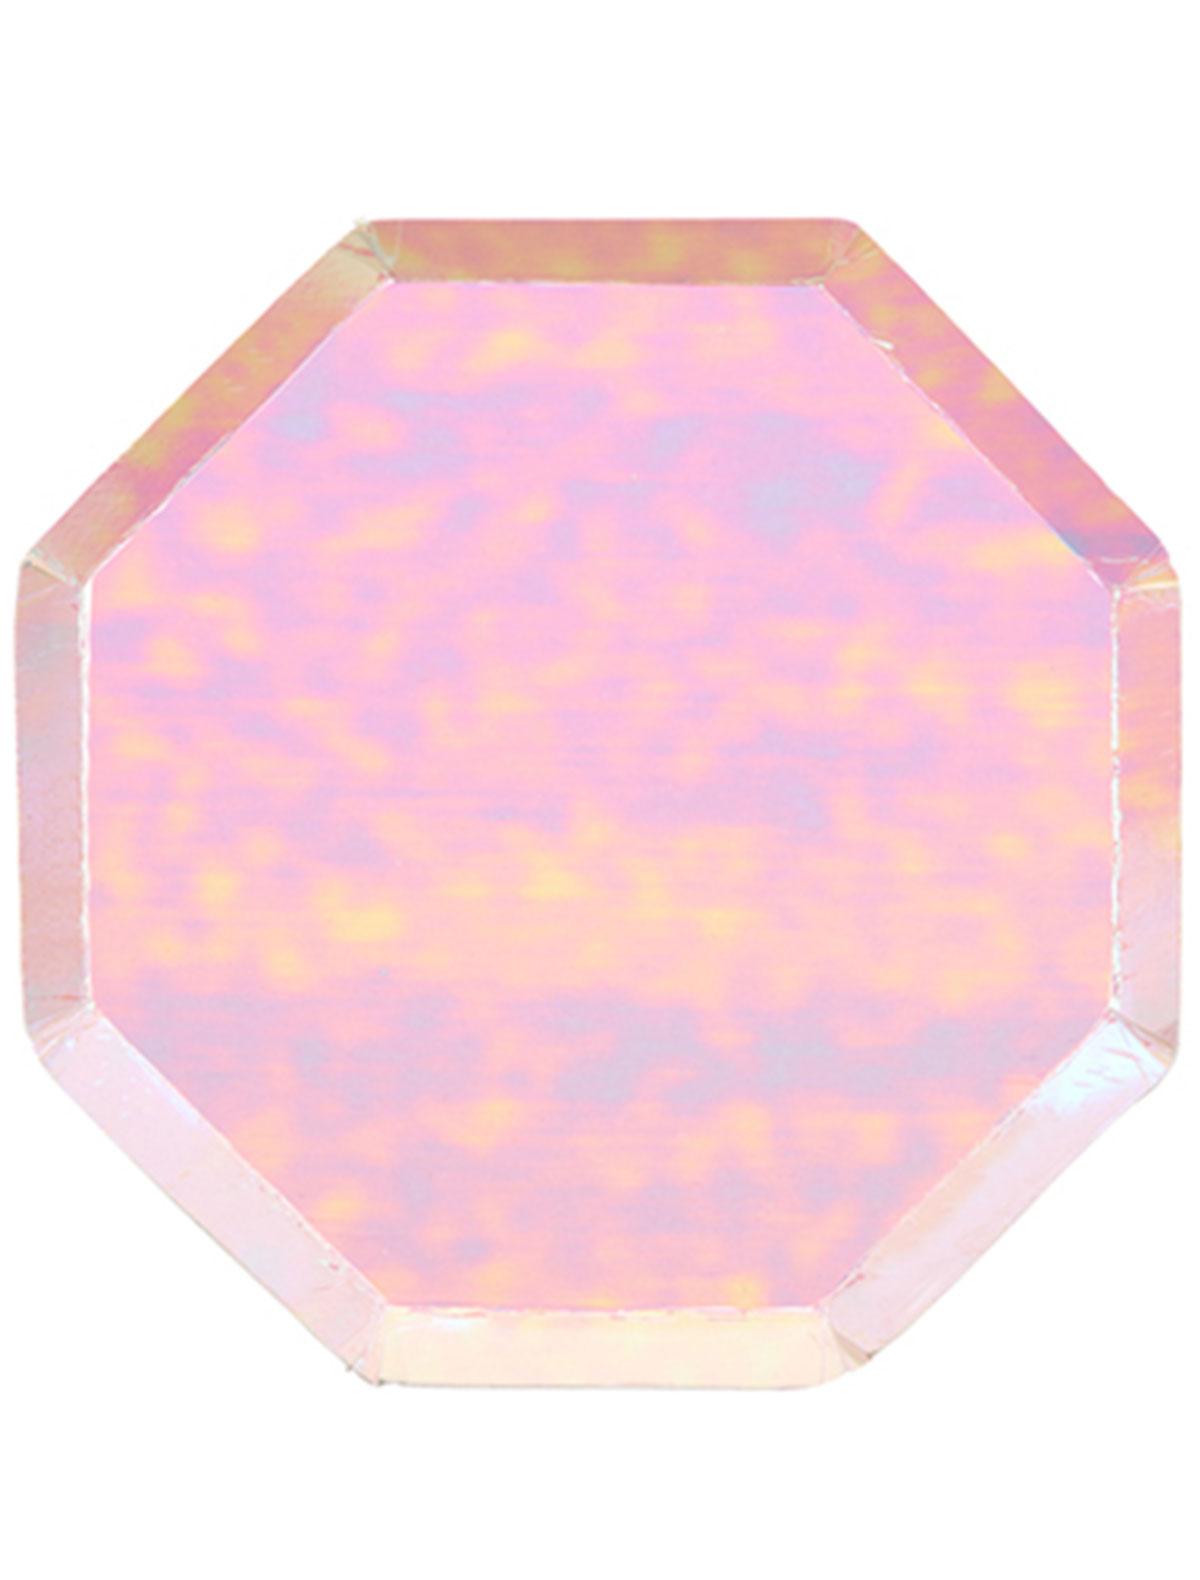 Набор посуды Meri Meri 2259953 розового цвета